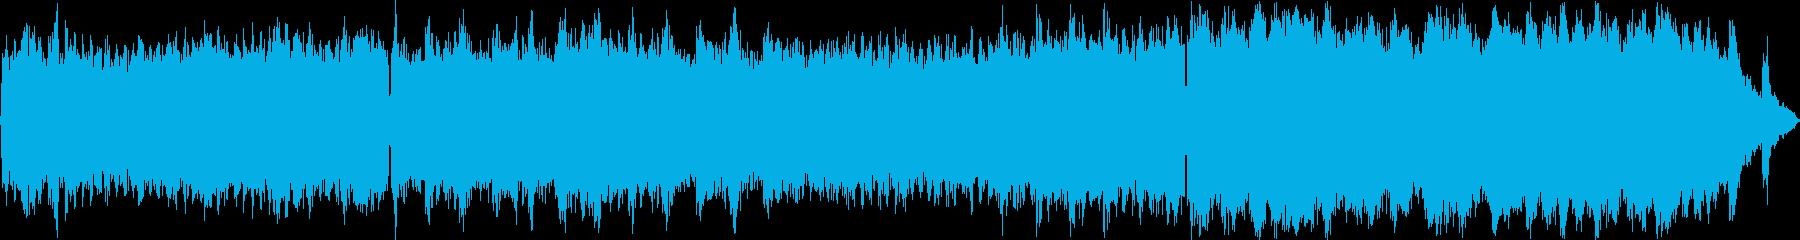 シンセとピアノの神秘的な曲の再生済みの波形